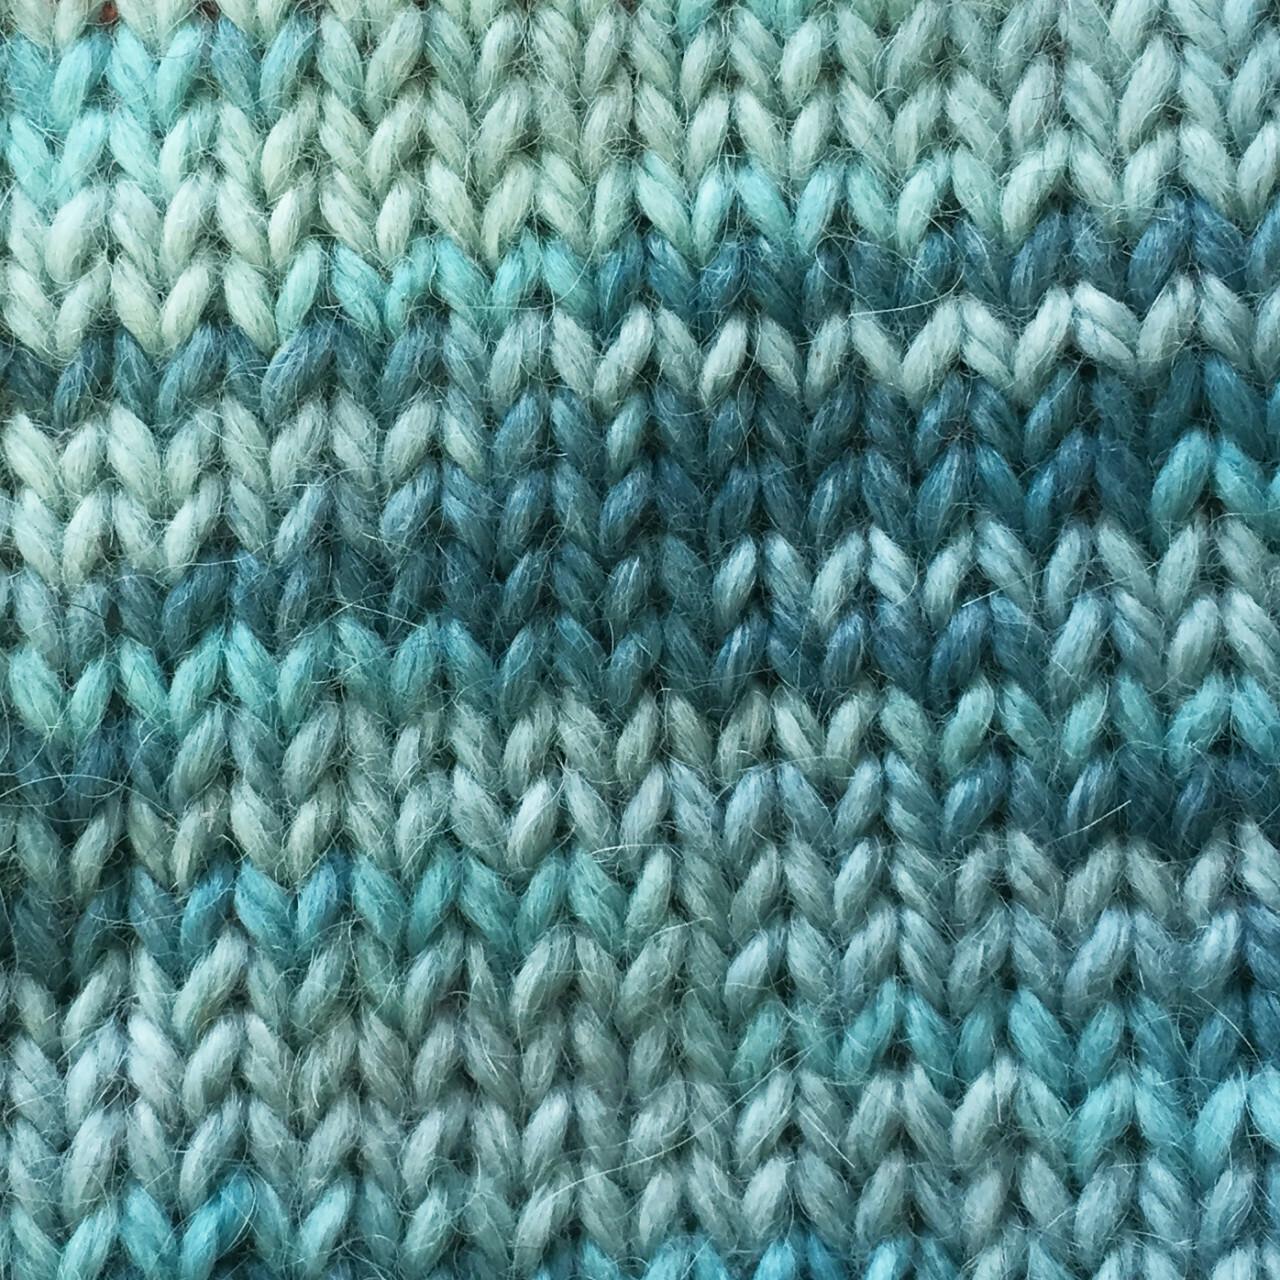 Snuggle Yarn - A Ton of Teal